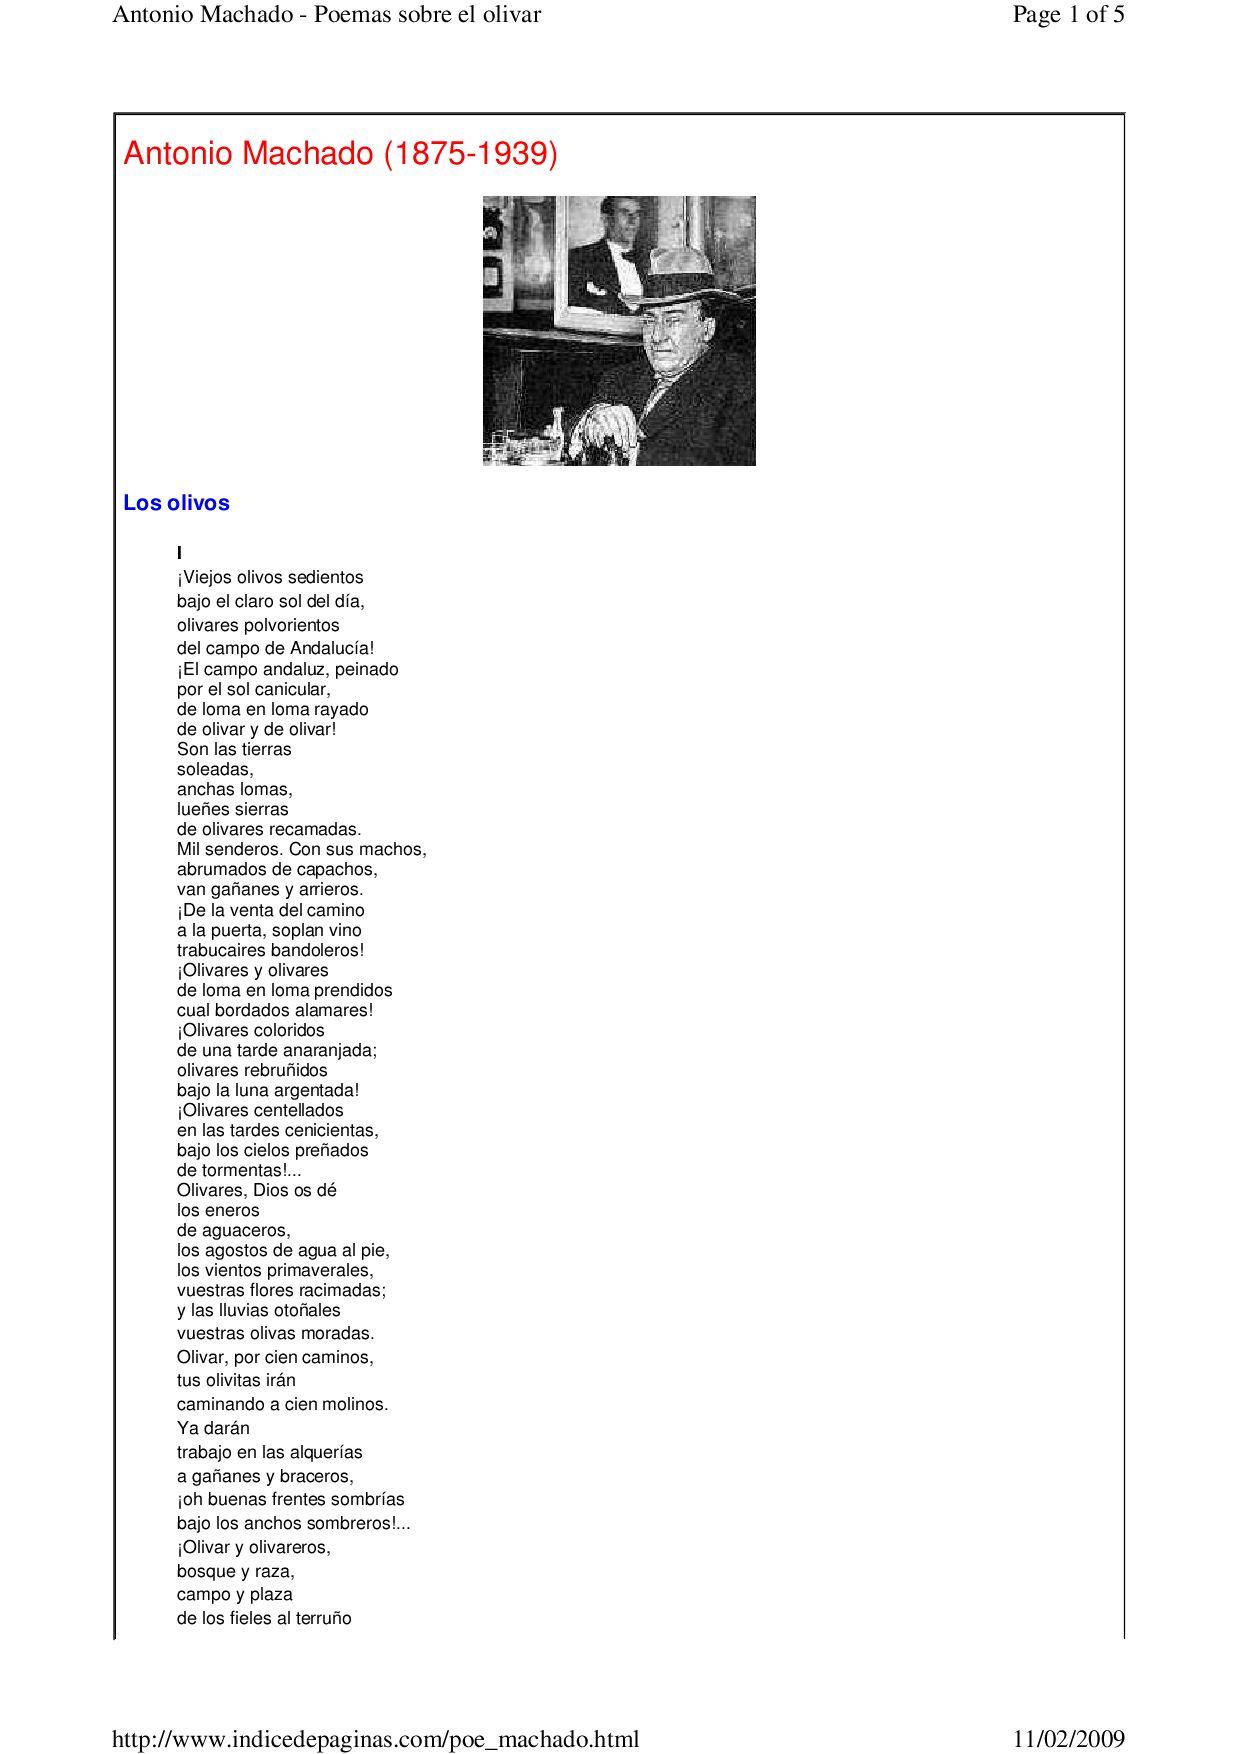 Poemas Sobre El Olivar A Machado By B Cartas Issuu